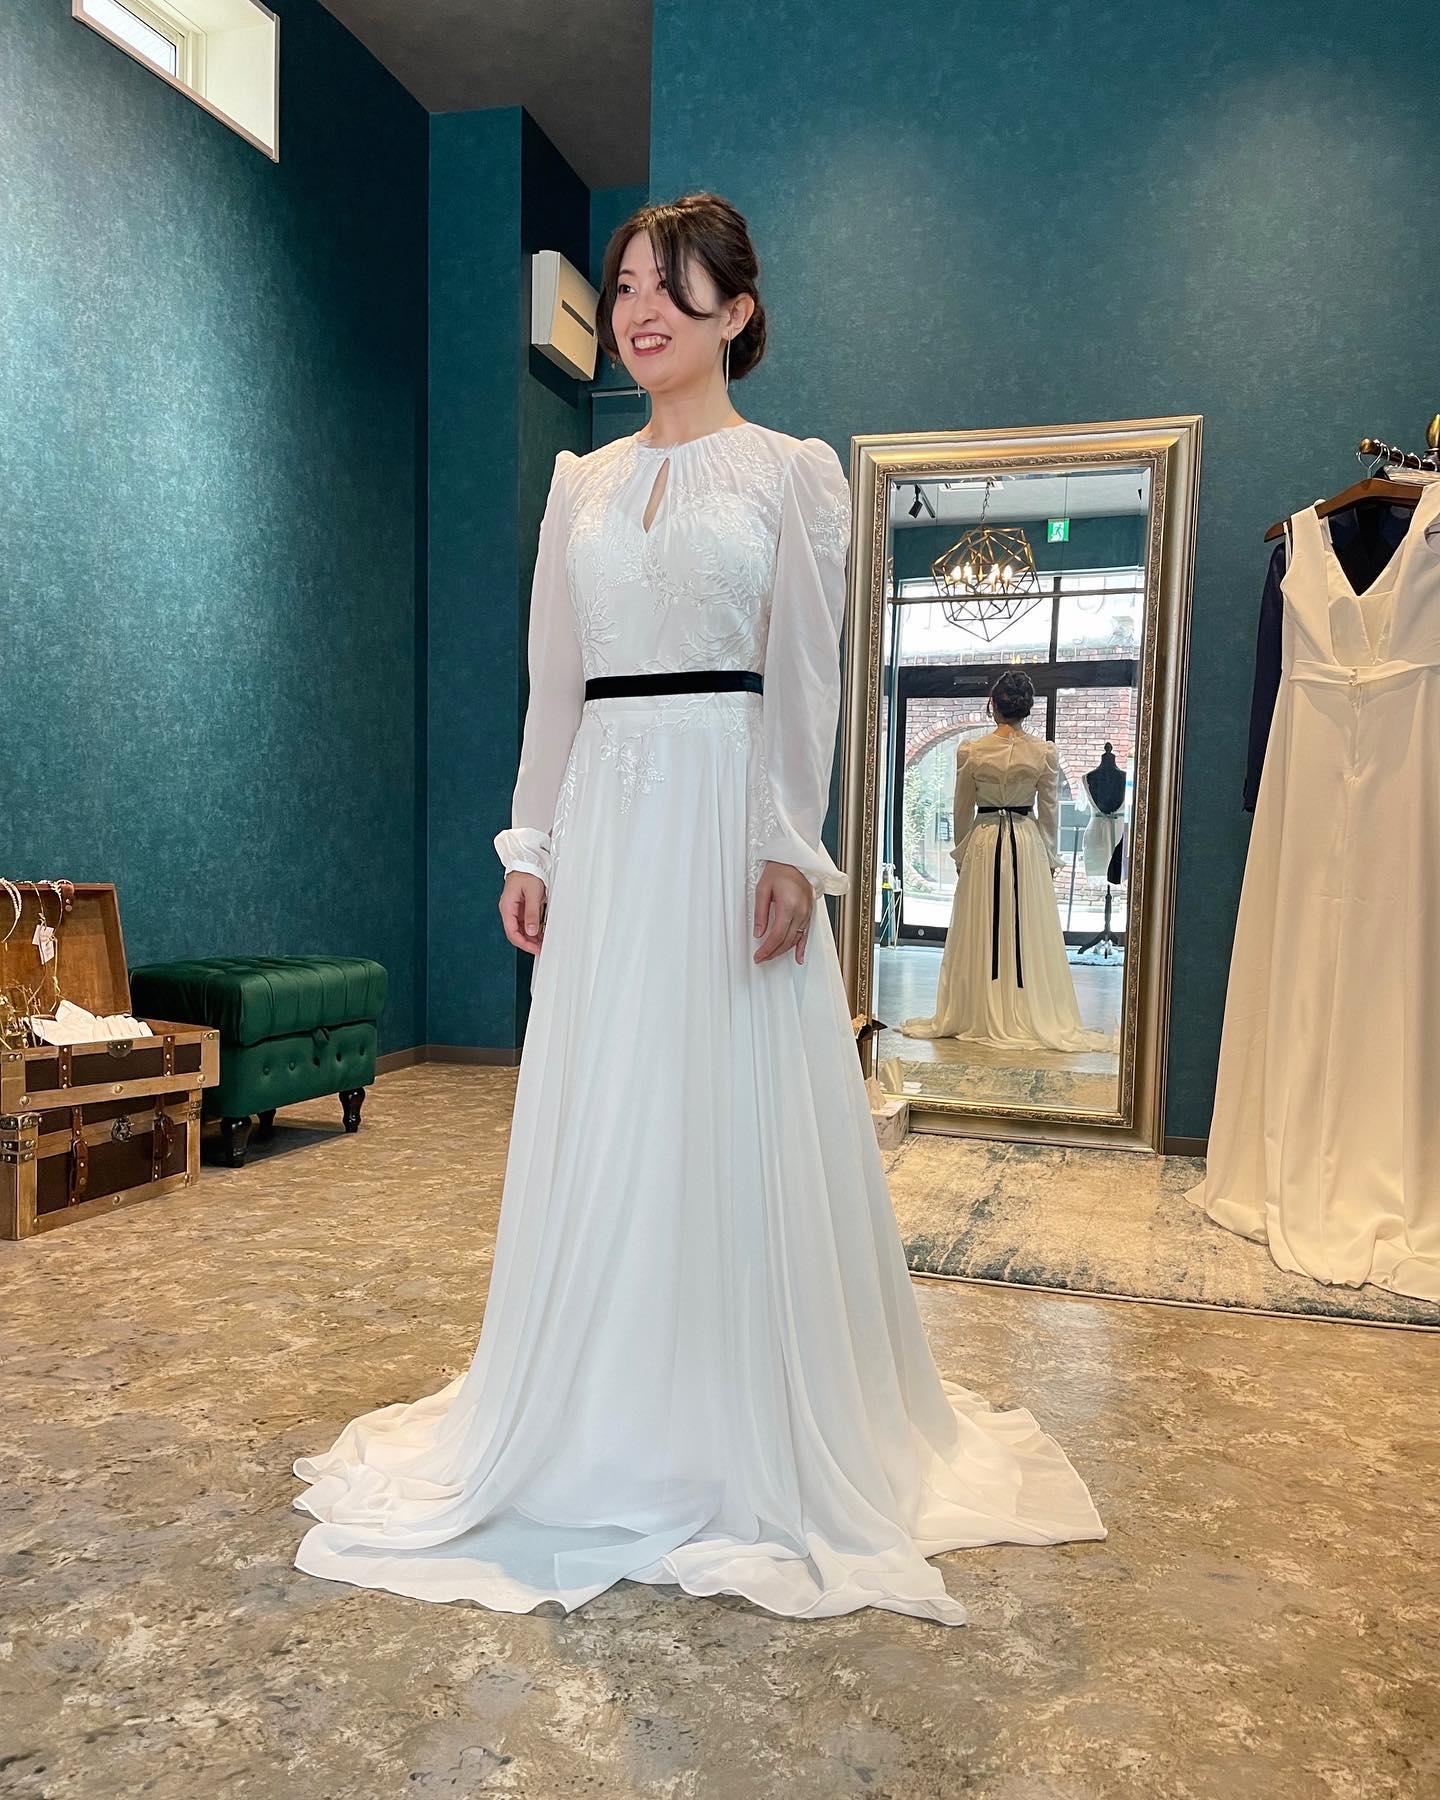 ・本日のご試着のお客様🕊お色直しでもウェディングドレスをご検討中♀️白ドレスは花嫁の特権なのでとても素敵だと思います・Clarasのドレスの中でも珍しいロングスリーブのドレス🤍・重くなりすぎないように素材には軽やかなジョーゼットを使用・胸元と背中の絶妙なスリットがスタイリッシュさをプラスします・08-3929購入価格 ¥170.000・#wedding #weddingdress #claras #ウェディングドレス #プレ花嫁 #ドレス試着#ドレス迷子#2021冬婚 #2022春婚 #ヘアメイク #結婚式  #ドレス選び #前撮り #後撮り #フォトウェディング #ウェディングヘア  #フォト婚 #ブライダルフォト #カップルフォト #ウェディングドレス探し #ウェディングドレス試着 #レンタルドレス #ドレスショップ #家族婚 #バウリニューアル #記念日婚 #モニター募集 #ドレス迷子 #プレ花嫁 #ニューノーマル #クララス #ロングスリーブドレス